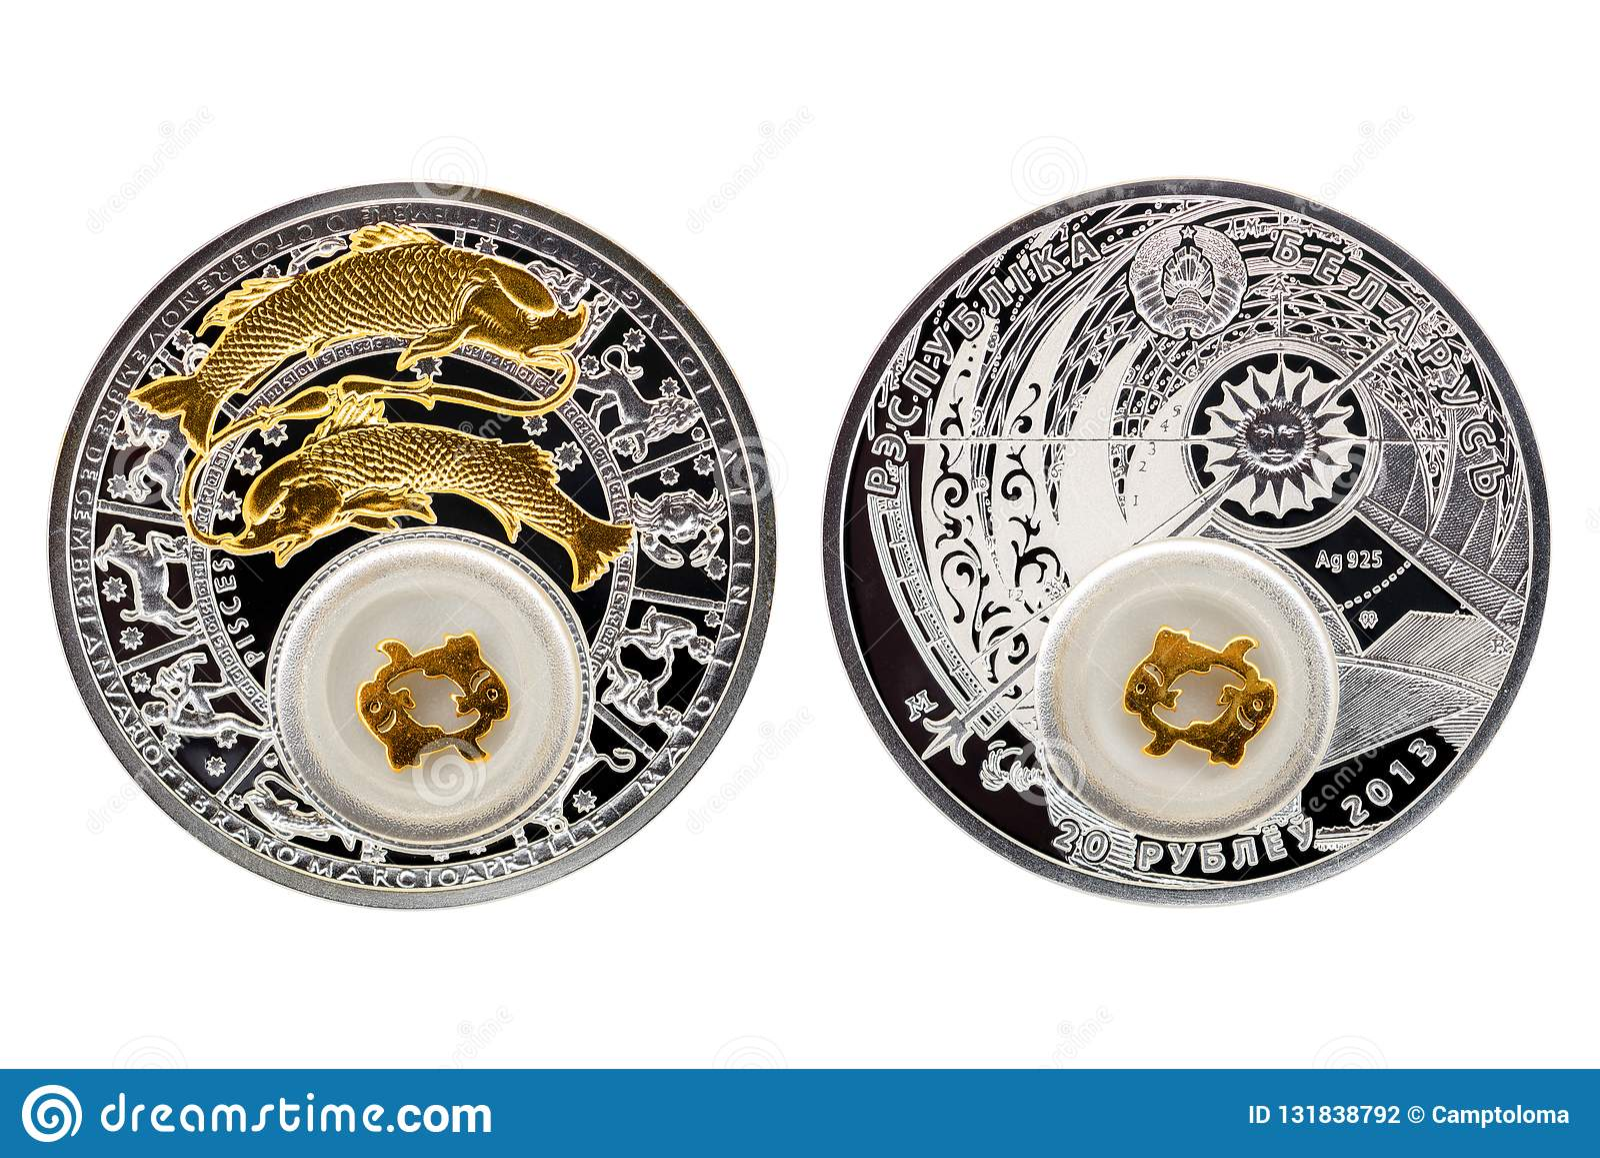 Astrología Piscis de la moneda de plata de Bielorrusia